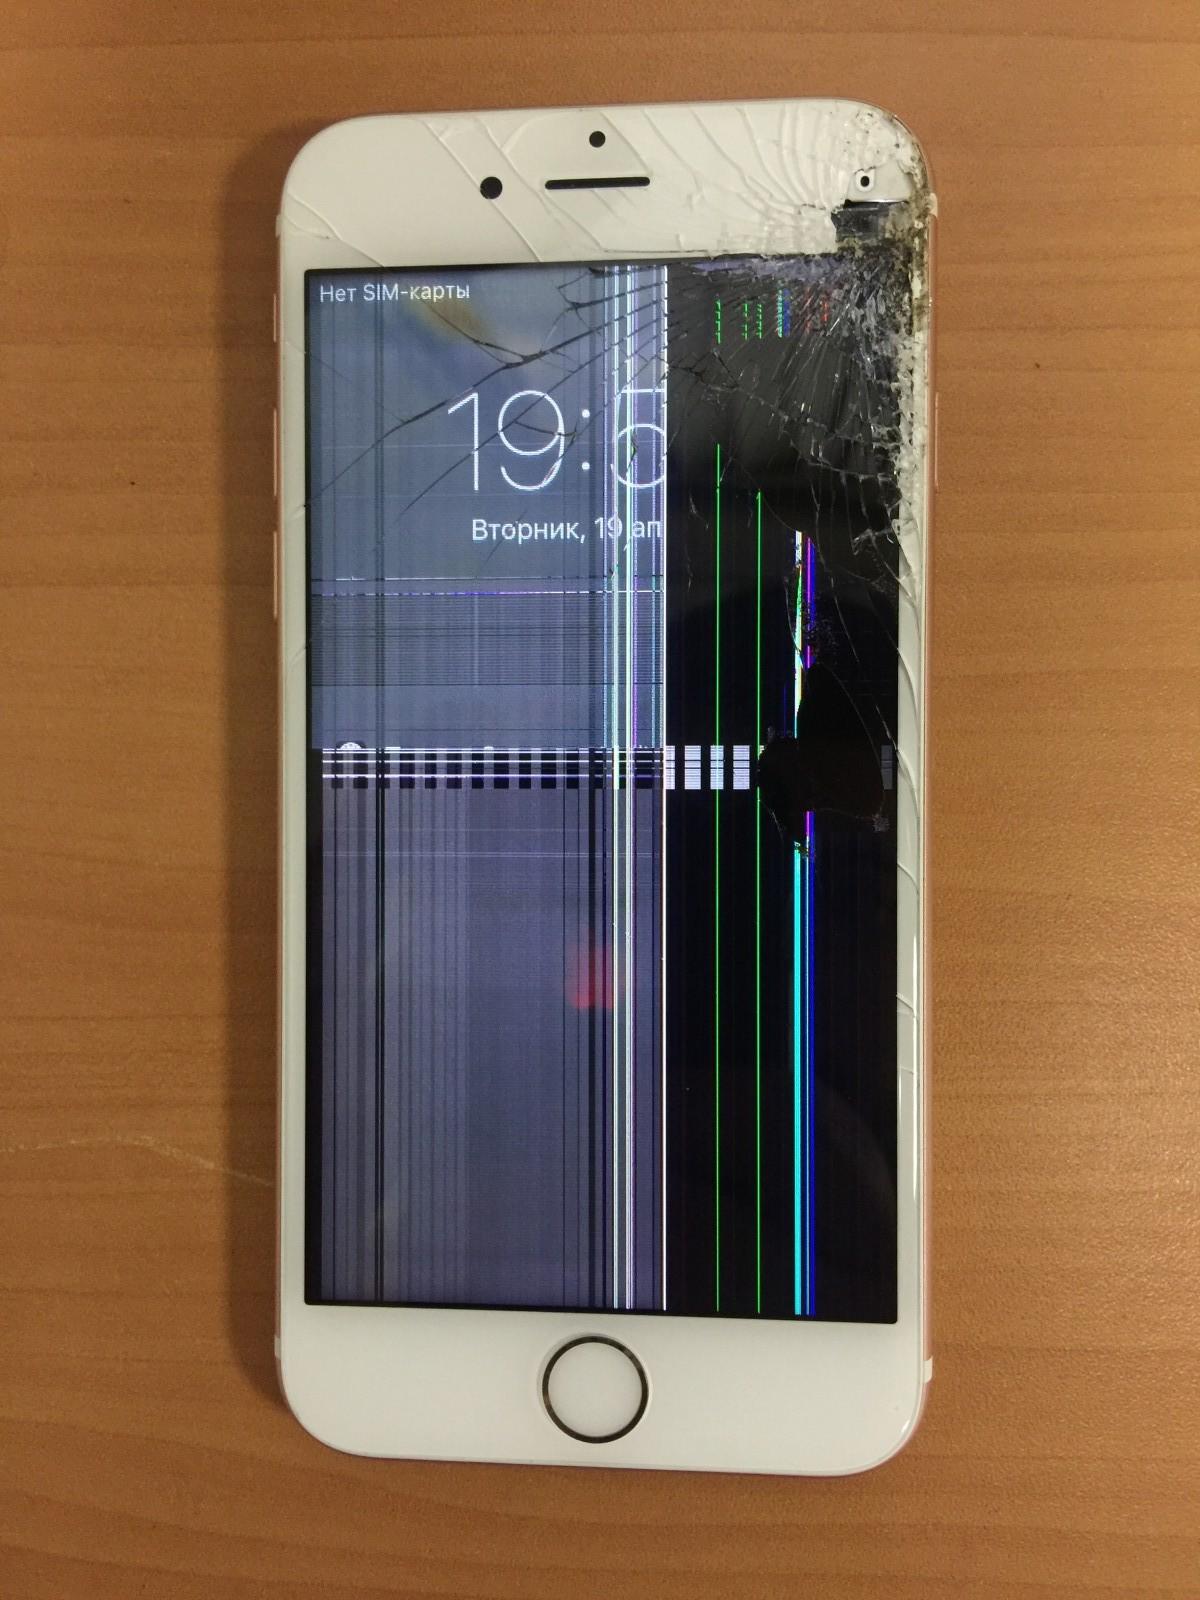 Сколько стоит ремонт разбитого экрана телефона - ремонт в Москве ремонт usb порта телефона